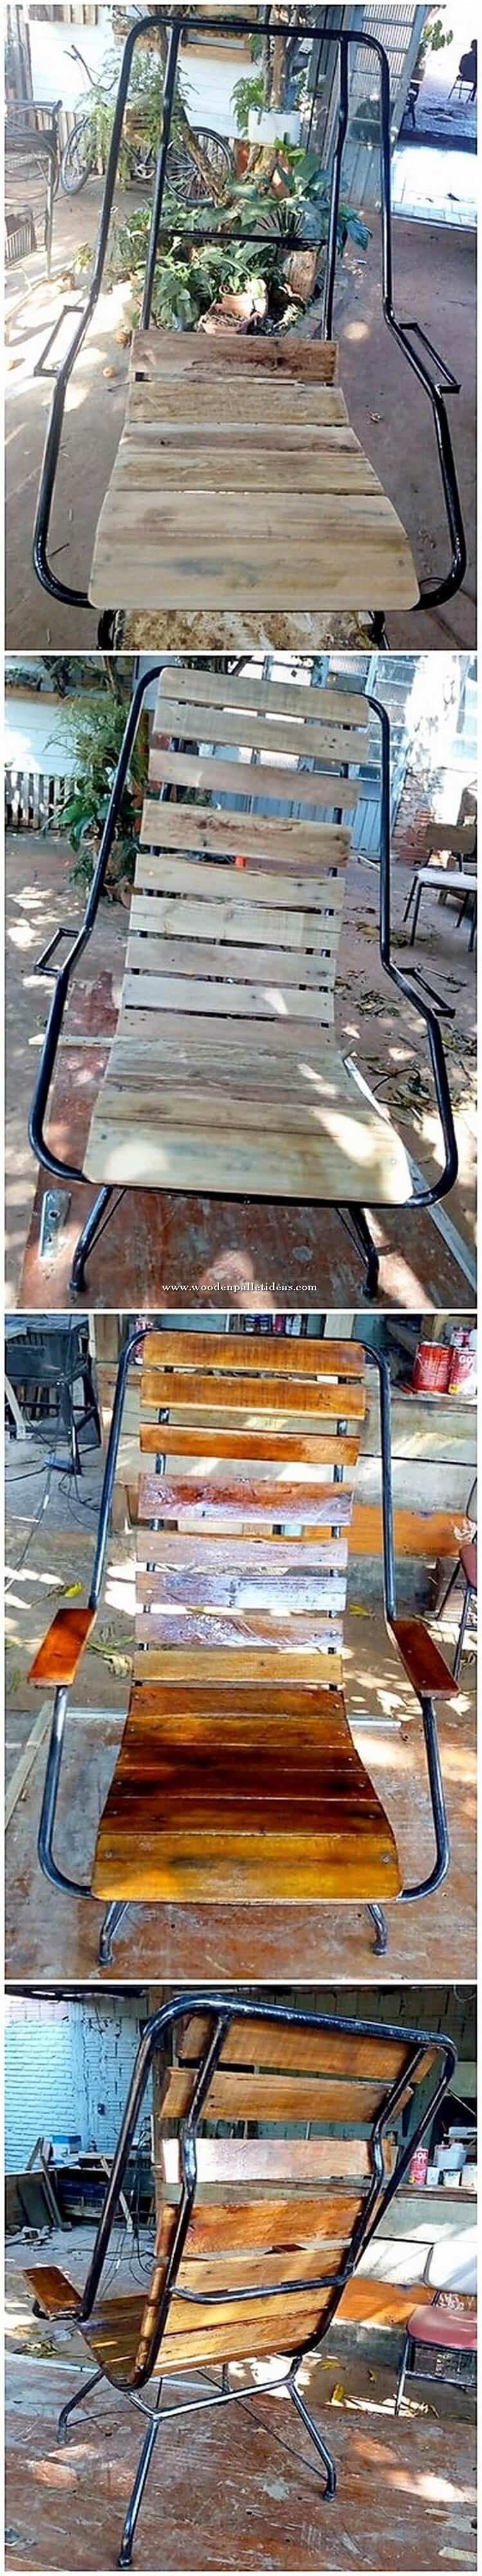 DIY Wood Pallet Chair